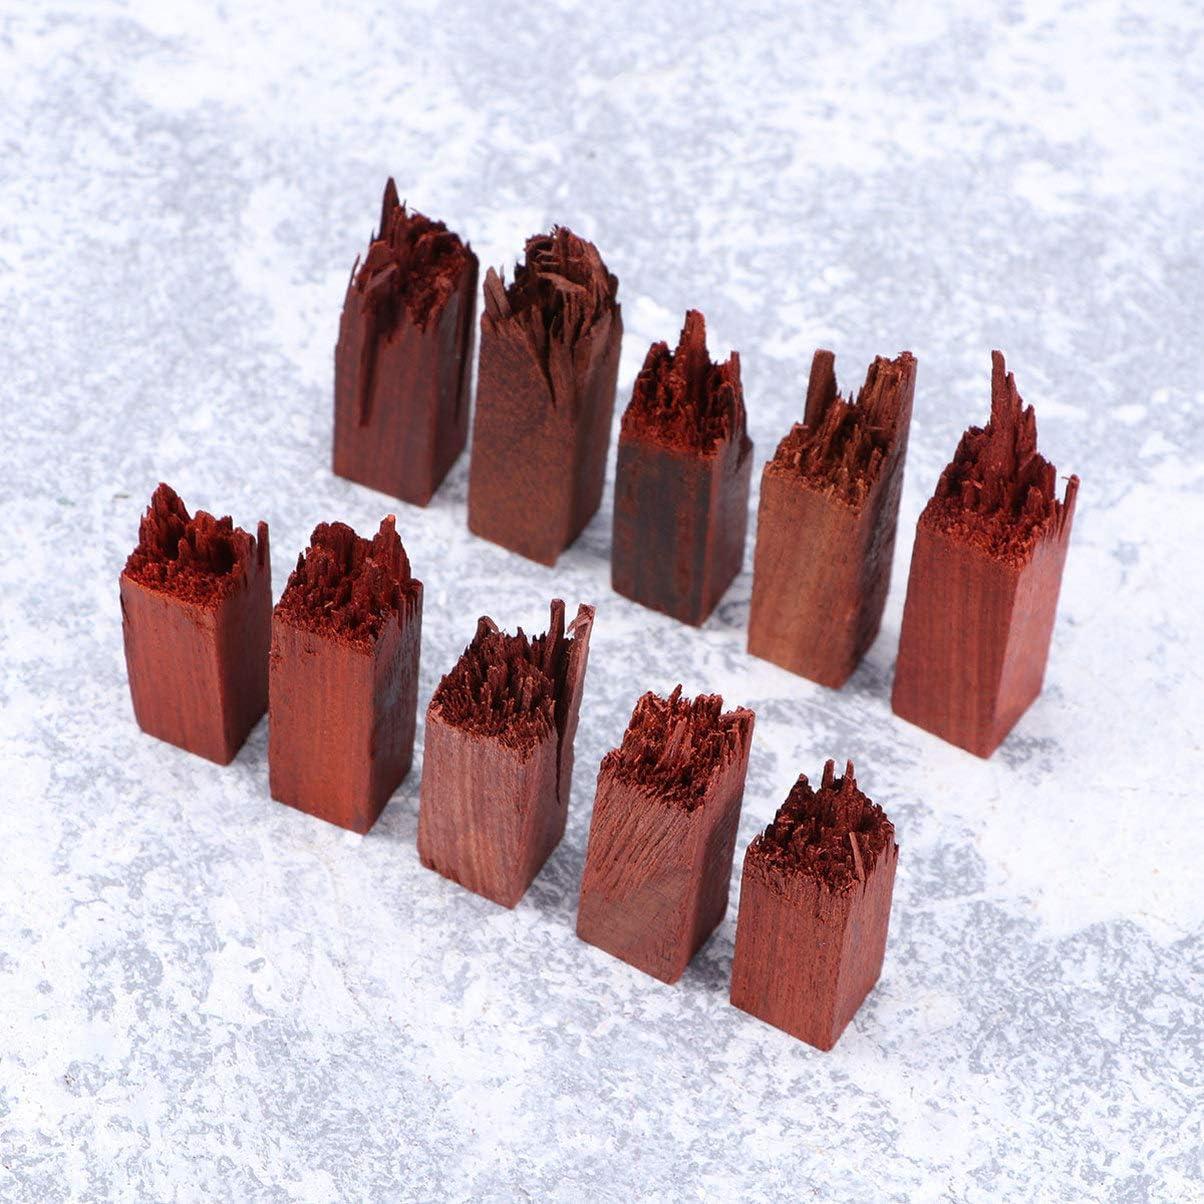 SUPVOX 10pcs Artisanat en Bois Ornement r/ésine mat/ériel en Bois pi/èces en Bois pour r/ésine /époxy Artisanat pour Fabrication de Bijoux Pendentif en r/ésine